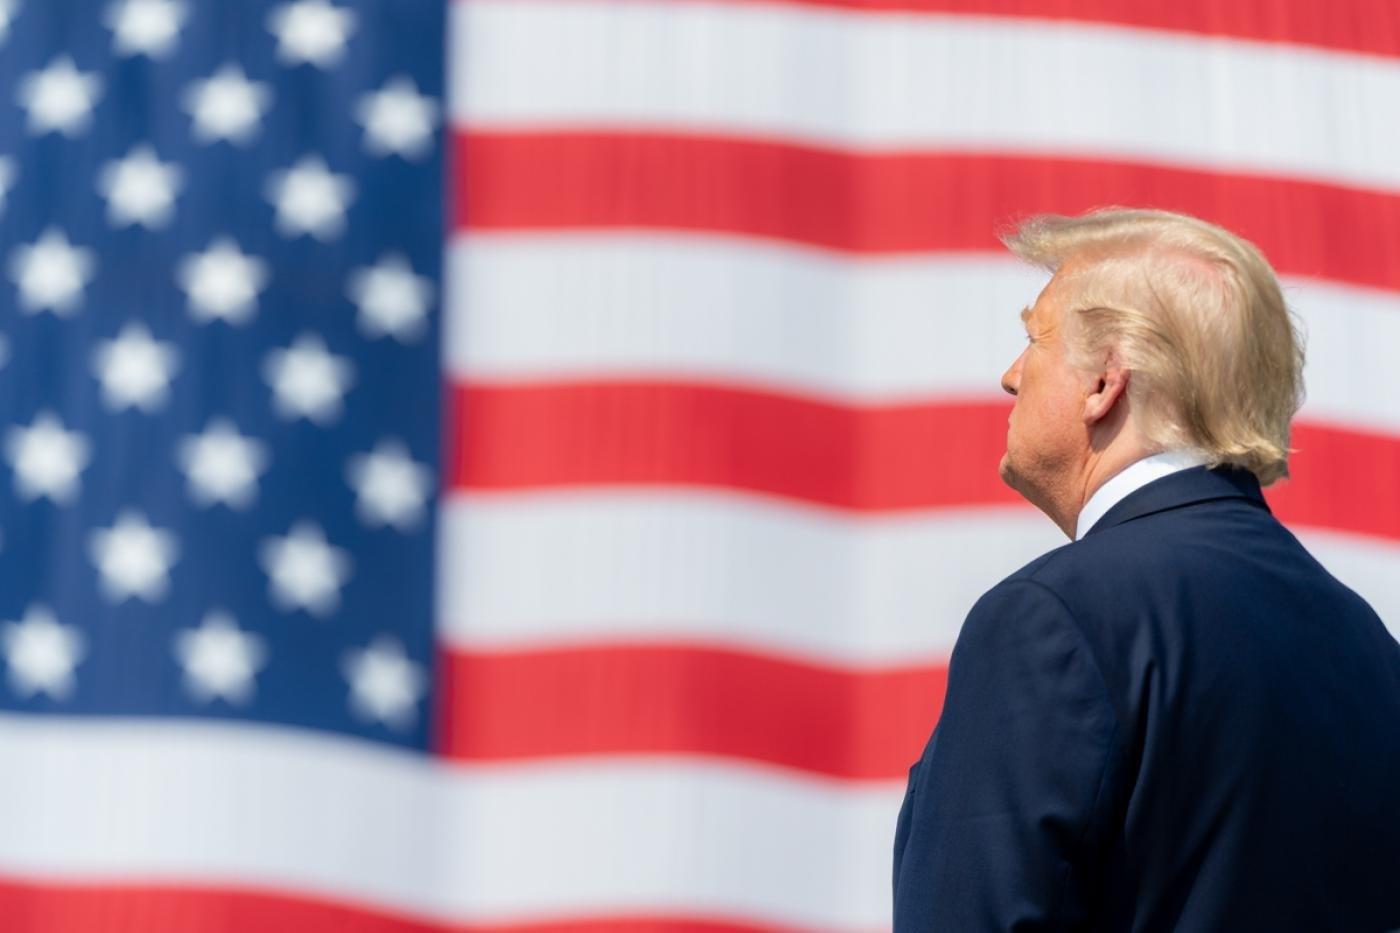 """ترامب يقيل مسؤول ميزانية الطوارئ ويهدد بتعليق التمويل الأميركي لـ""""الصحة العالمية"""""""